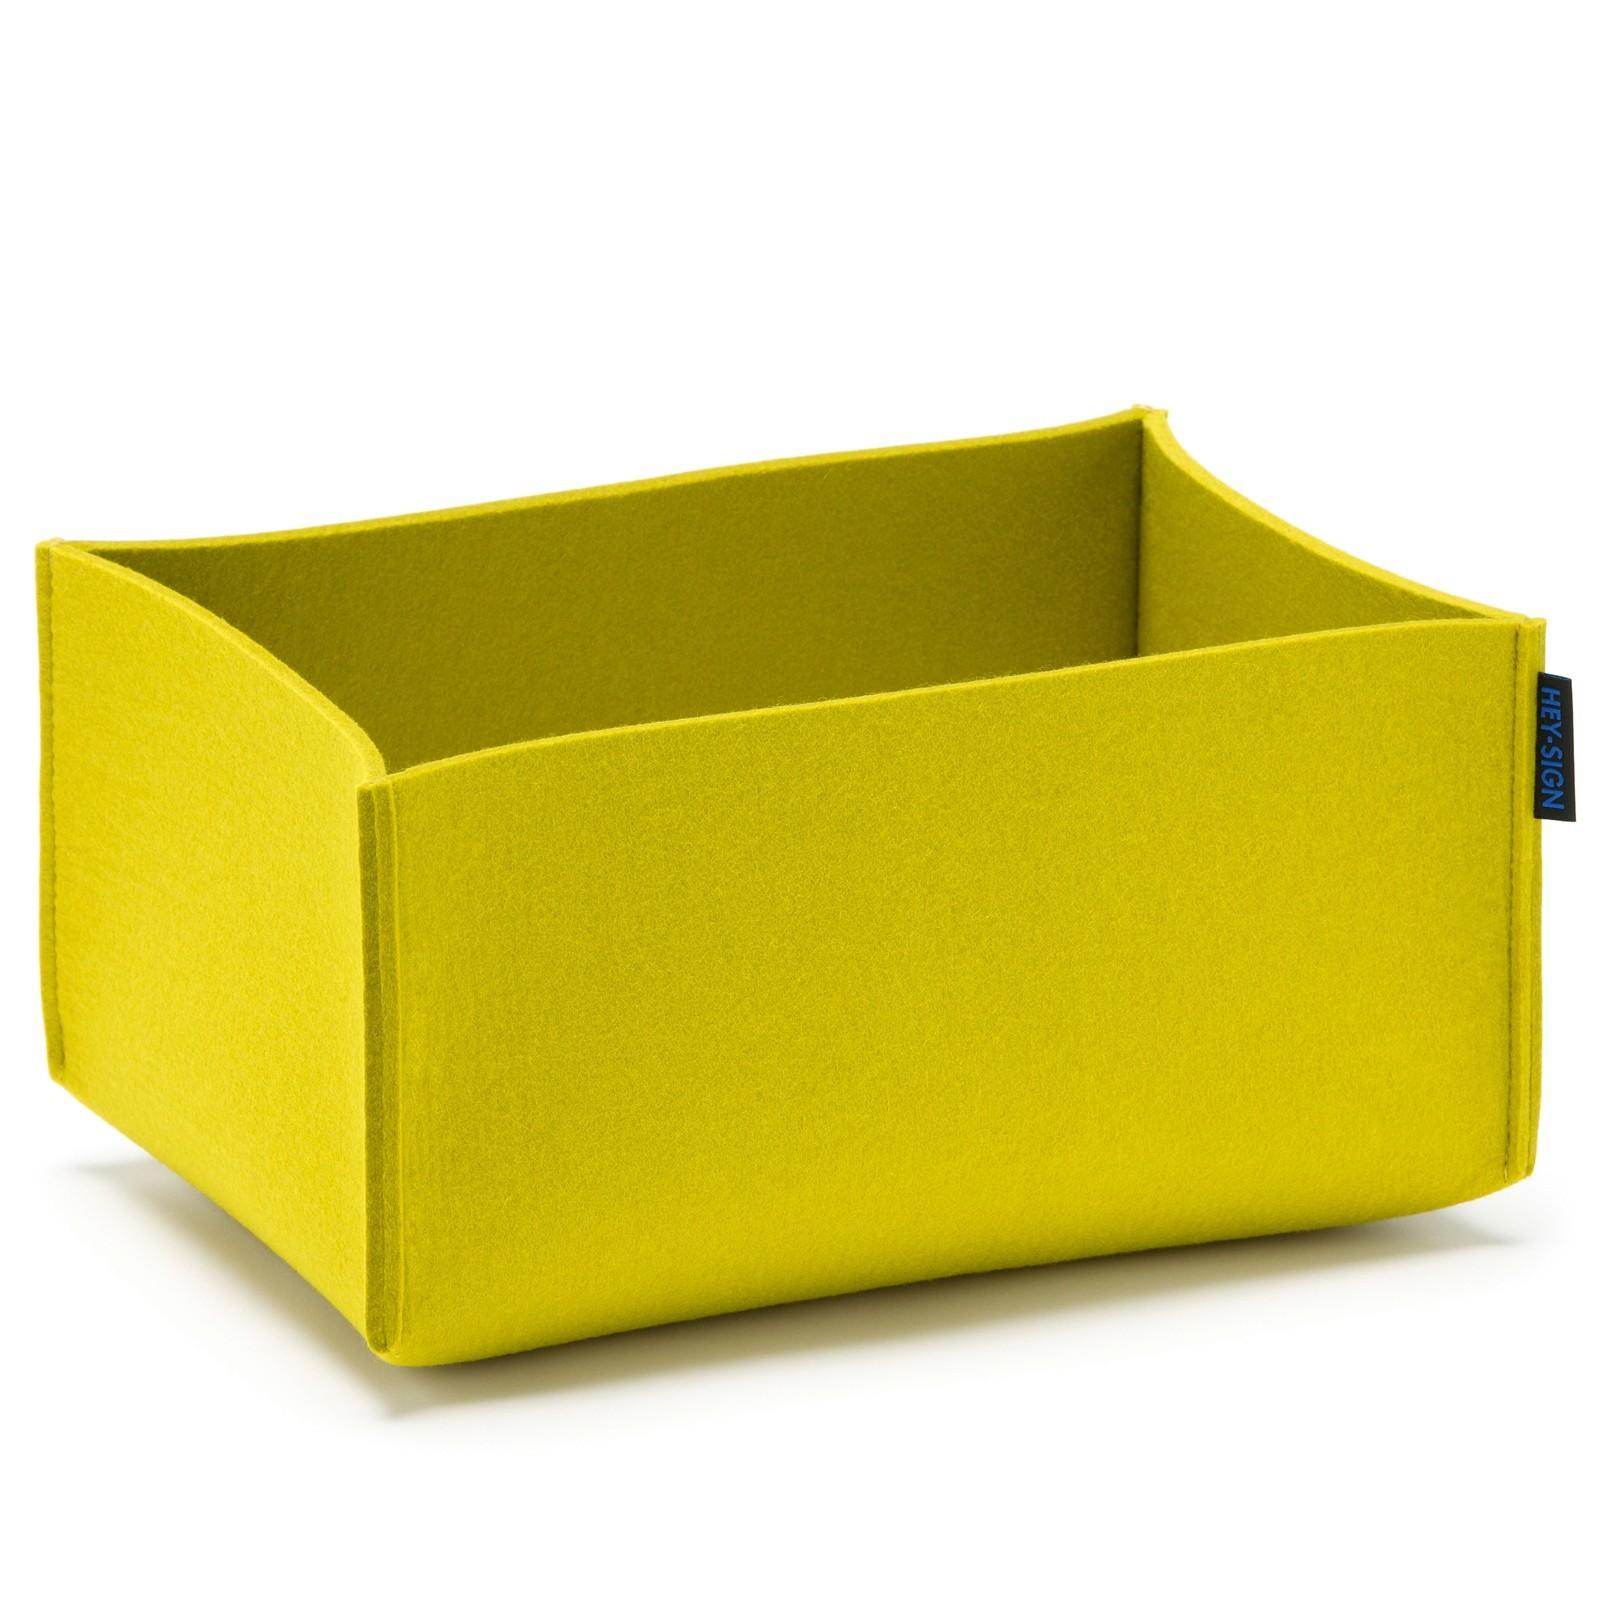 aufbewahrungsbox utensilienbox rechteckig 35x25x16 cm viele farben hey sign box. Black Bedroom Furniture Sets. Home Design Ideas